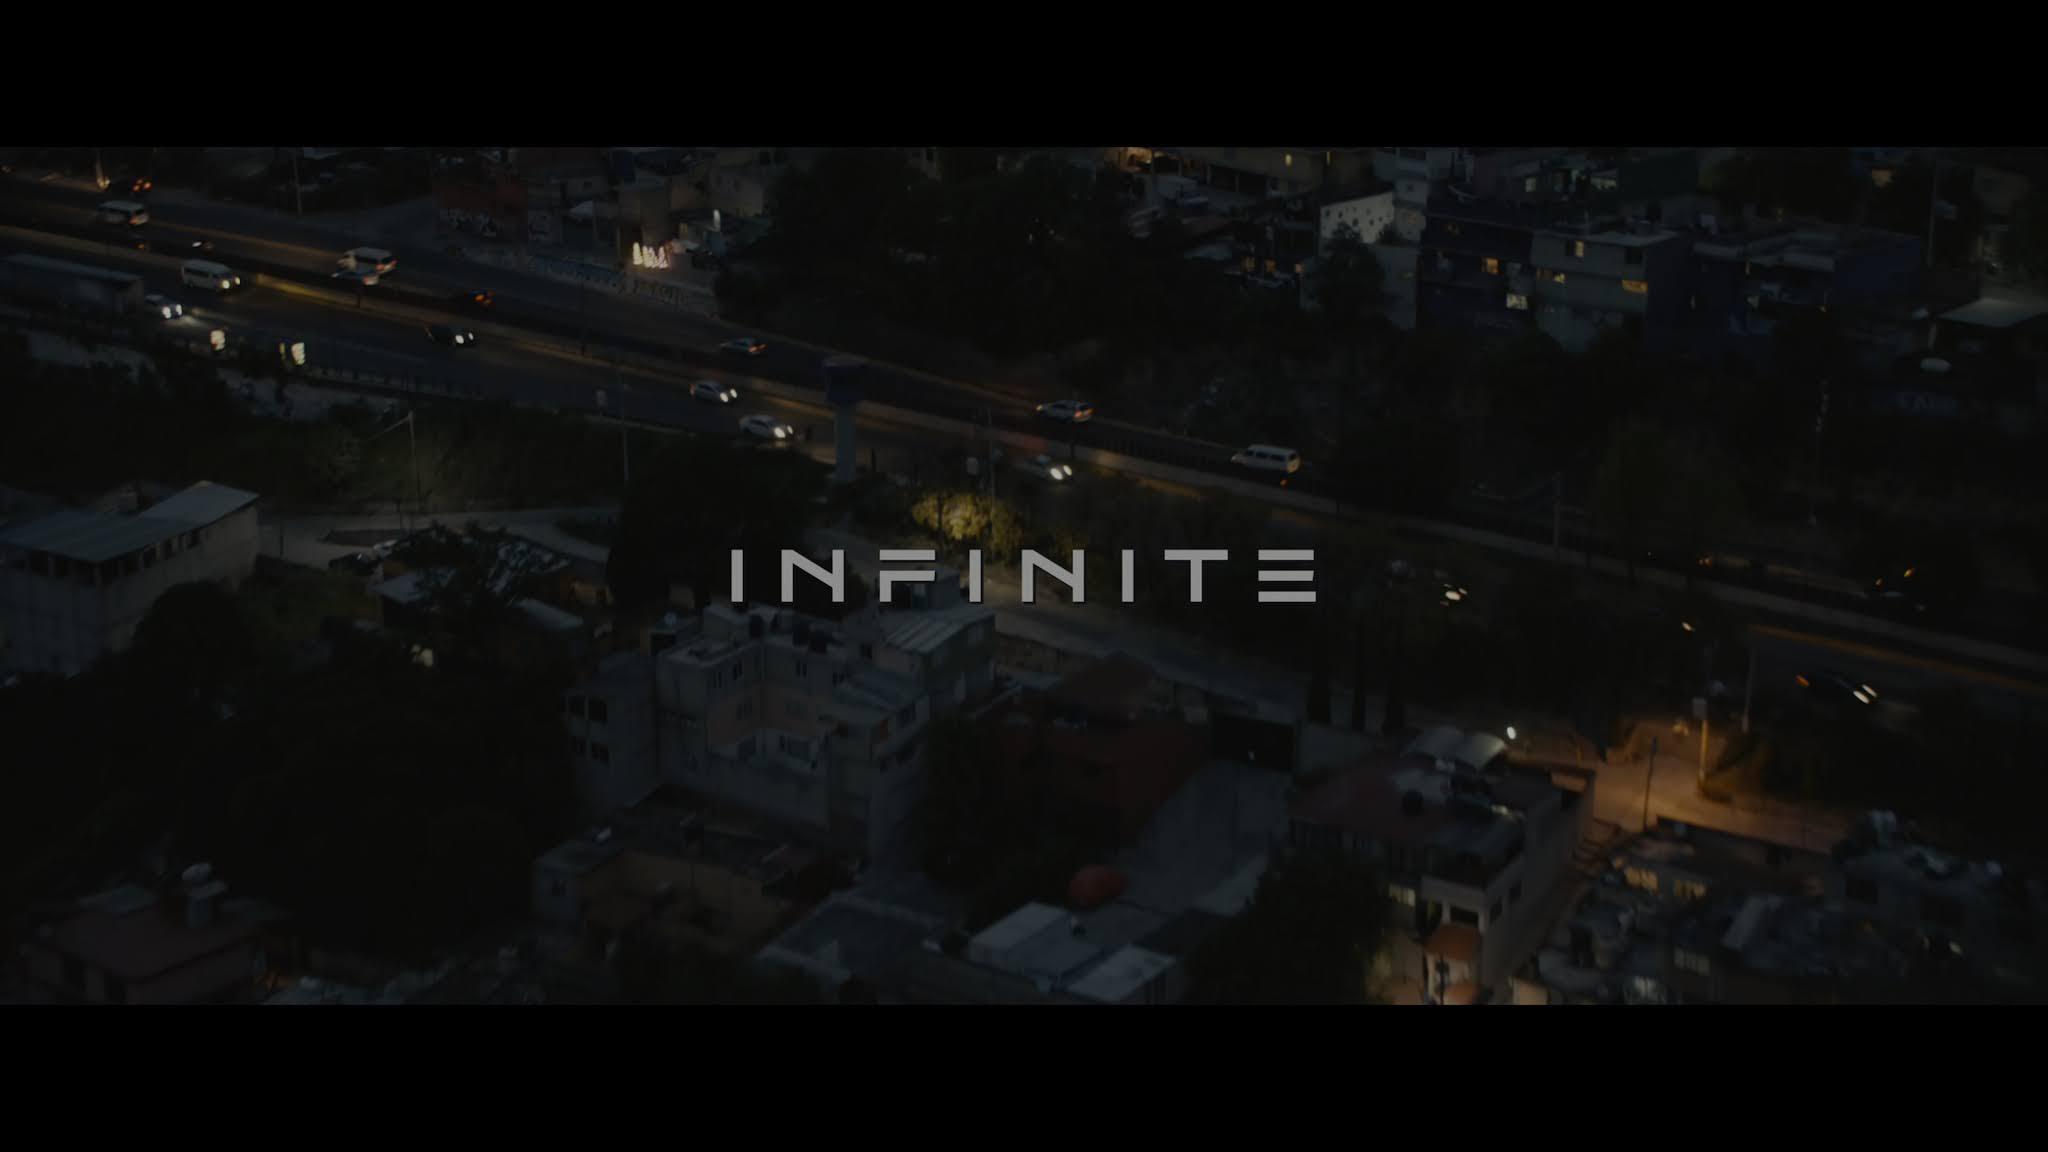 Infinito (2021) 4k WEB-DL HDR Latino